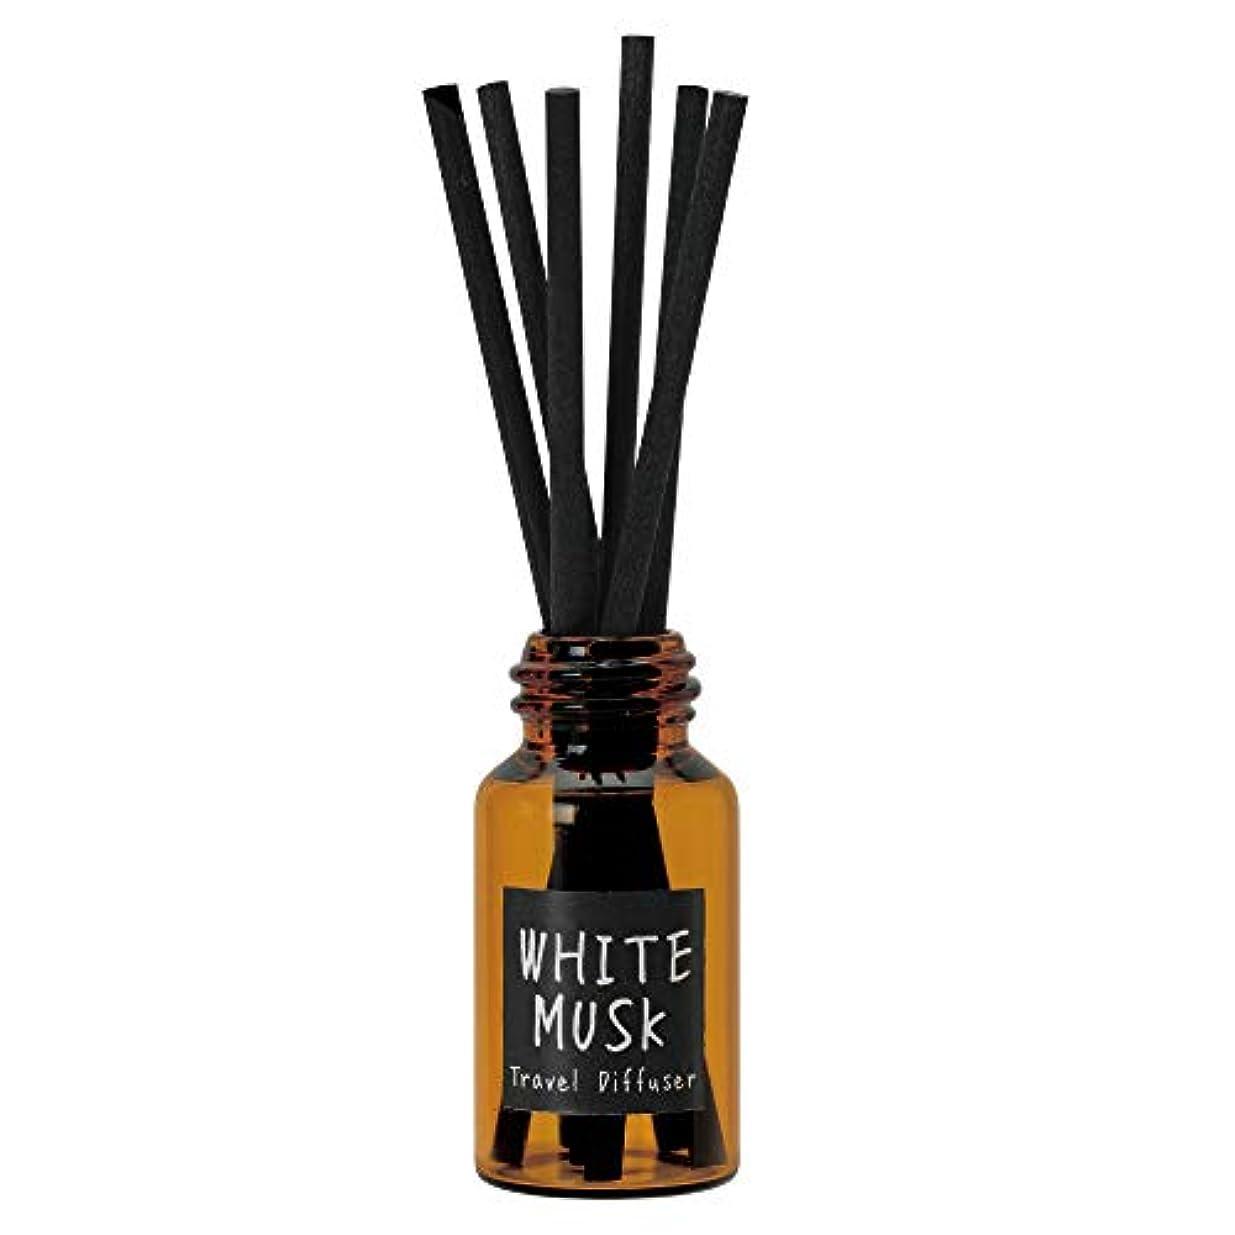 換気全員王族ノルコーポレーション リードディフューザー JohnsBlend トラベルディフューザー 携帯用 ホワイトムスクの香り OA-JON-16-1